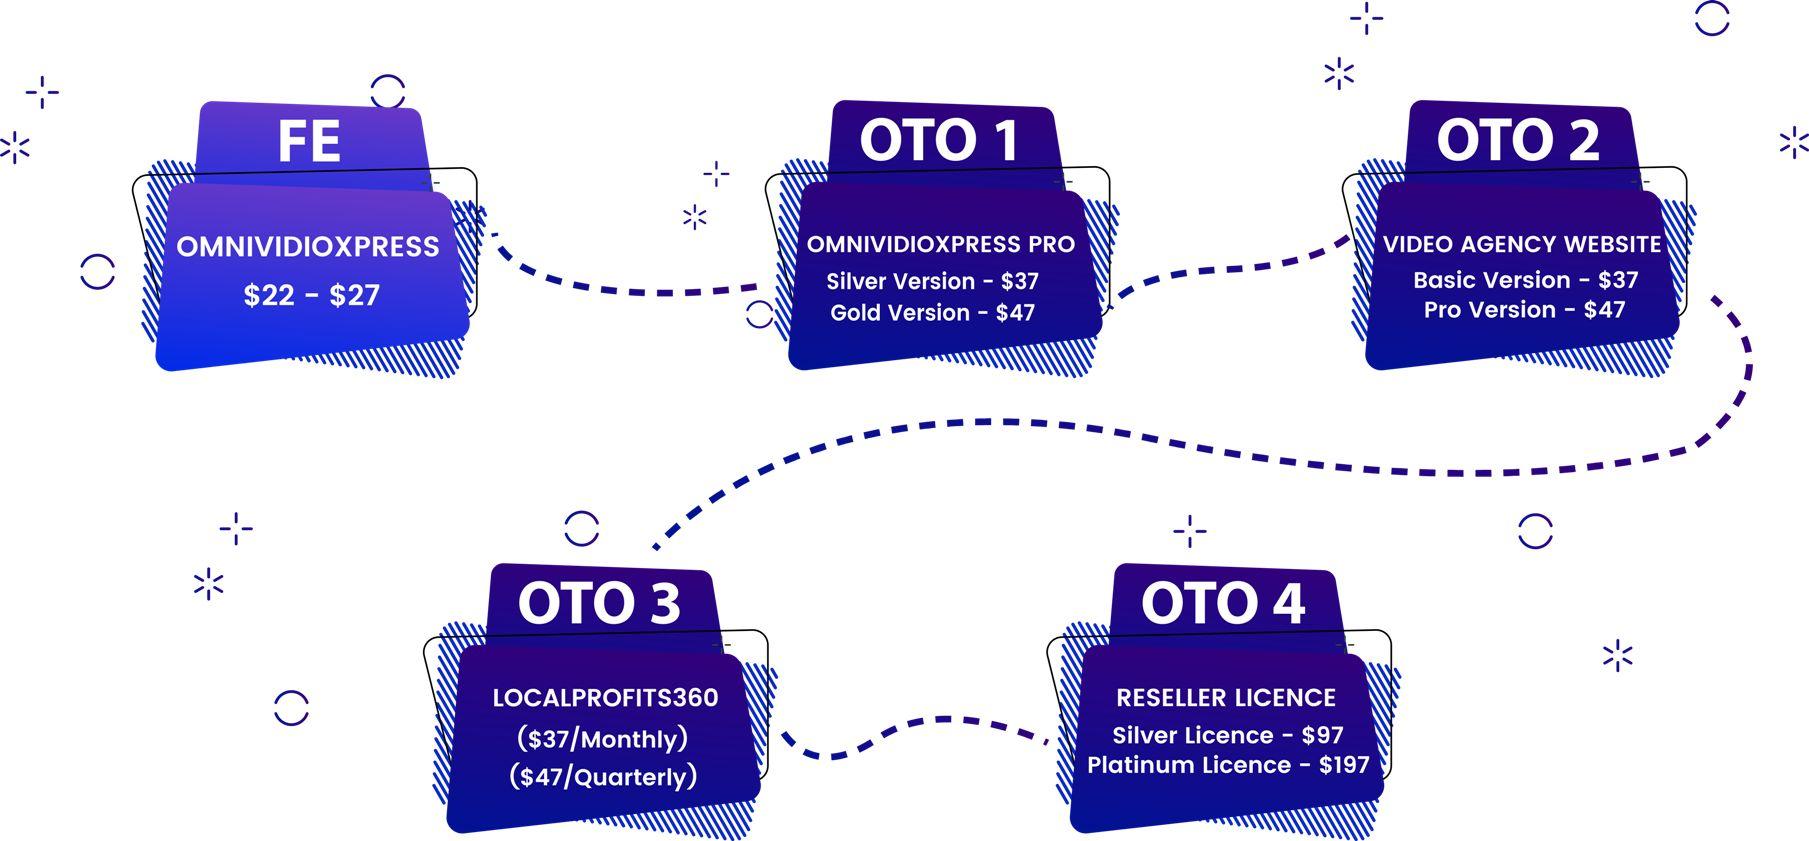 OmniVidioXpress-OTO